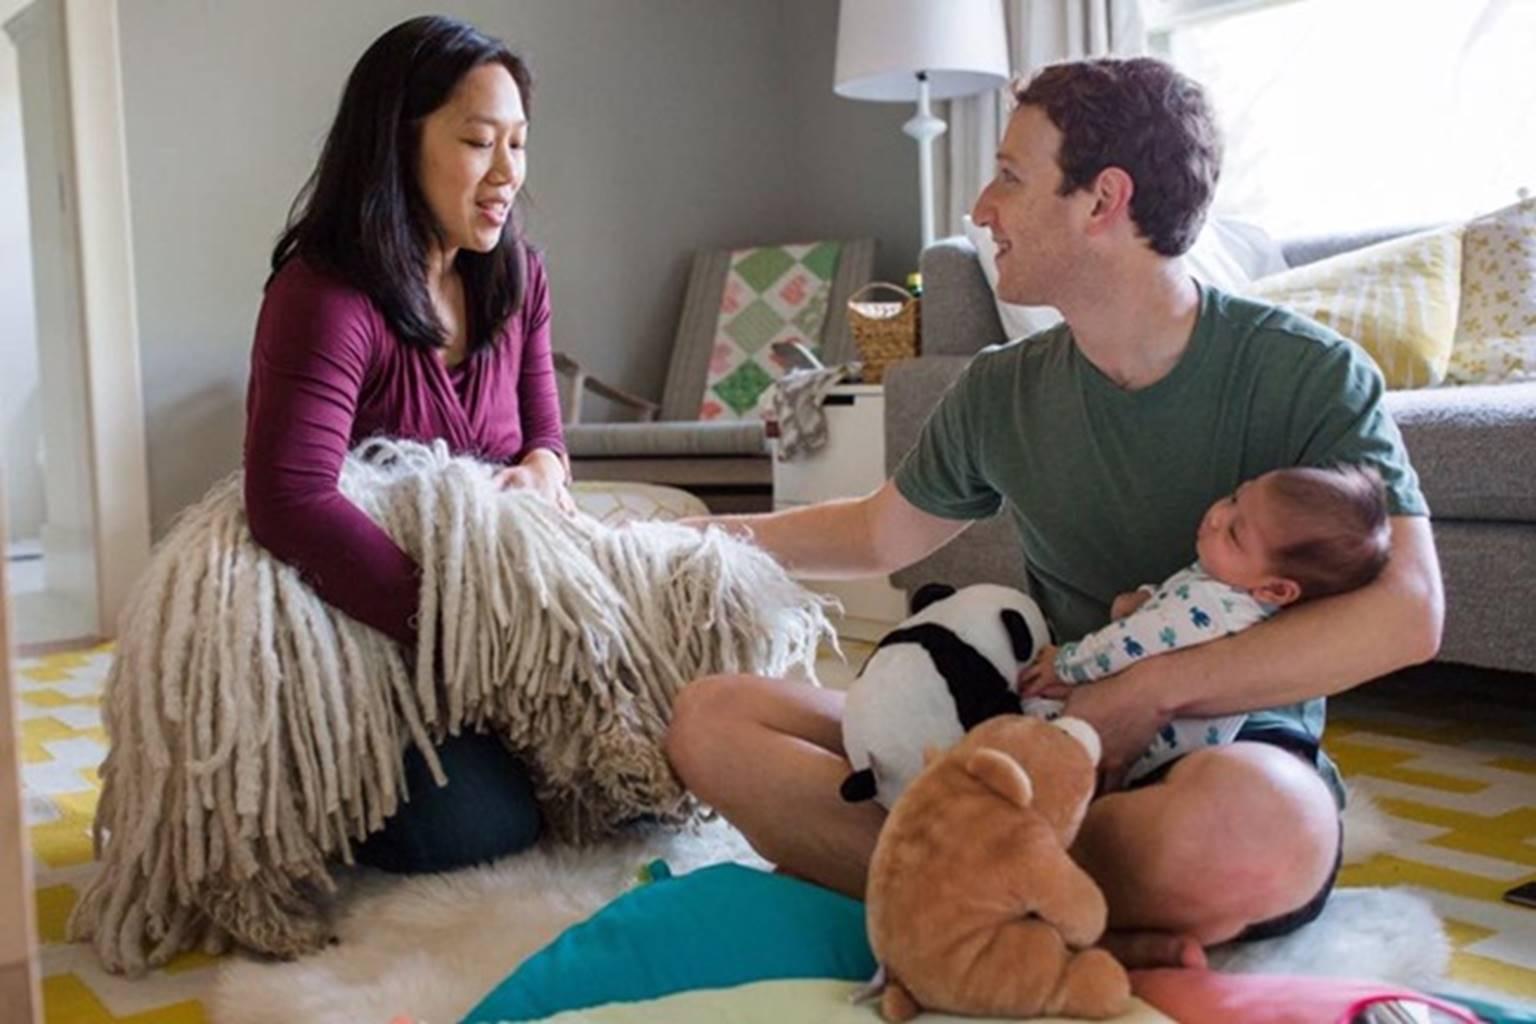 8 bí quyết dạy con của gia đình ông chủ Facebook khiến cả thế giới ngưỡng mộ-1